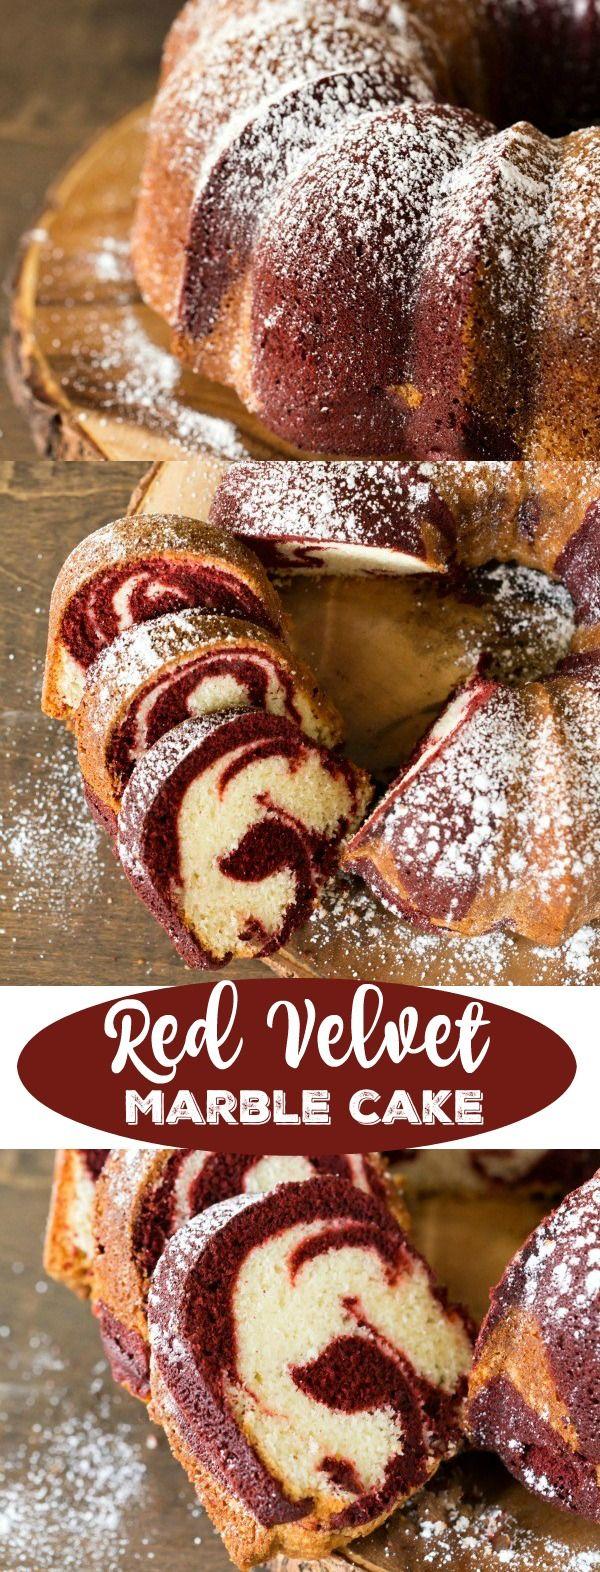 Red Velvet Marble Cake | http://www.ihearteating.com | #dessert #ValentinesDay #recipe